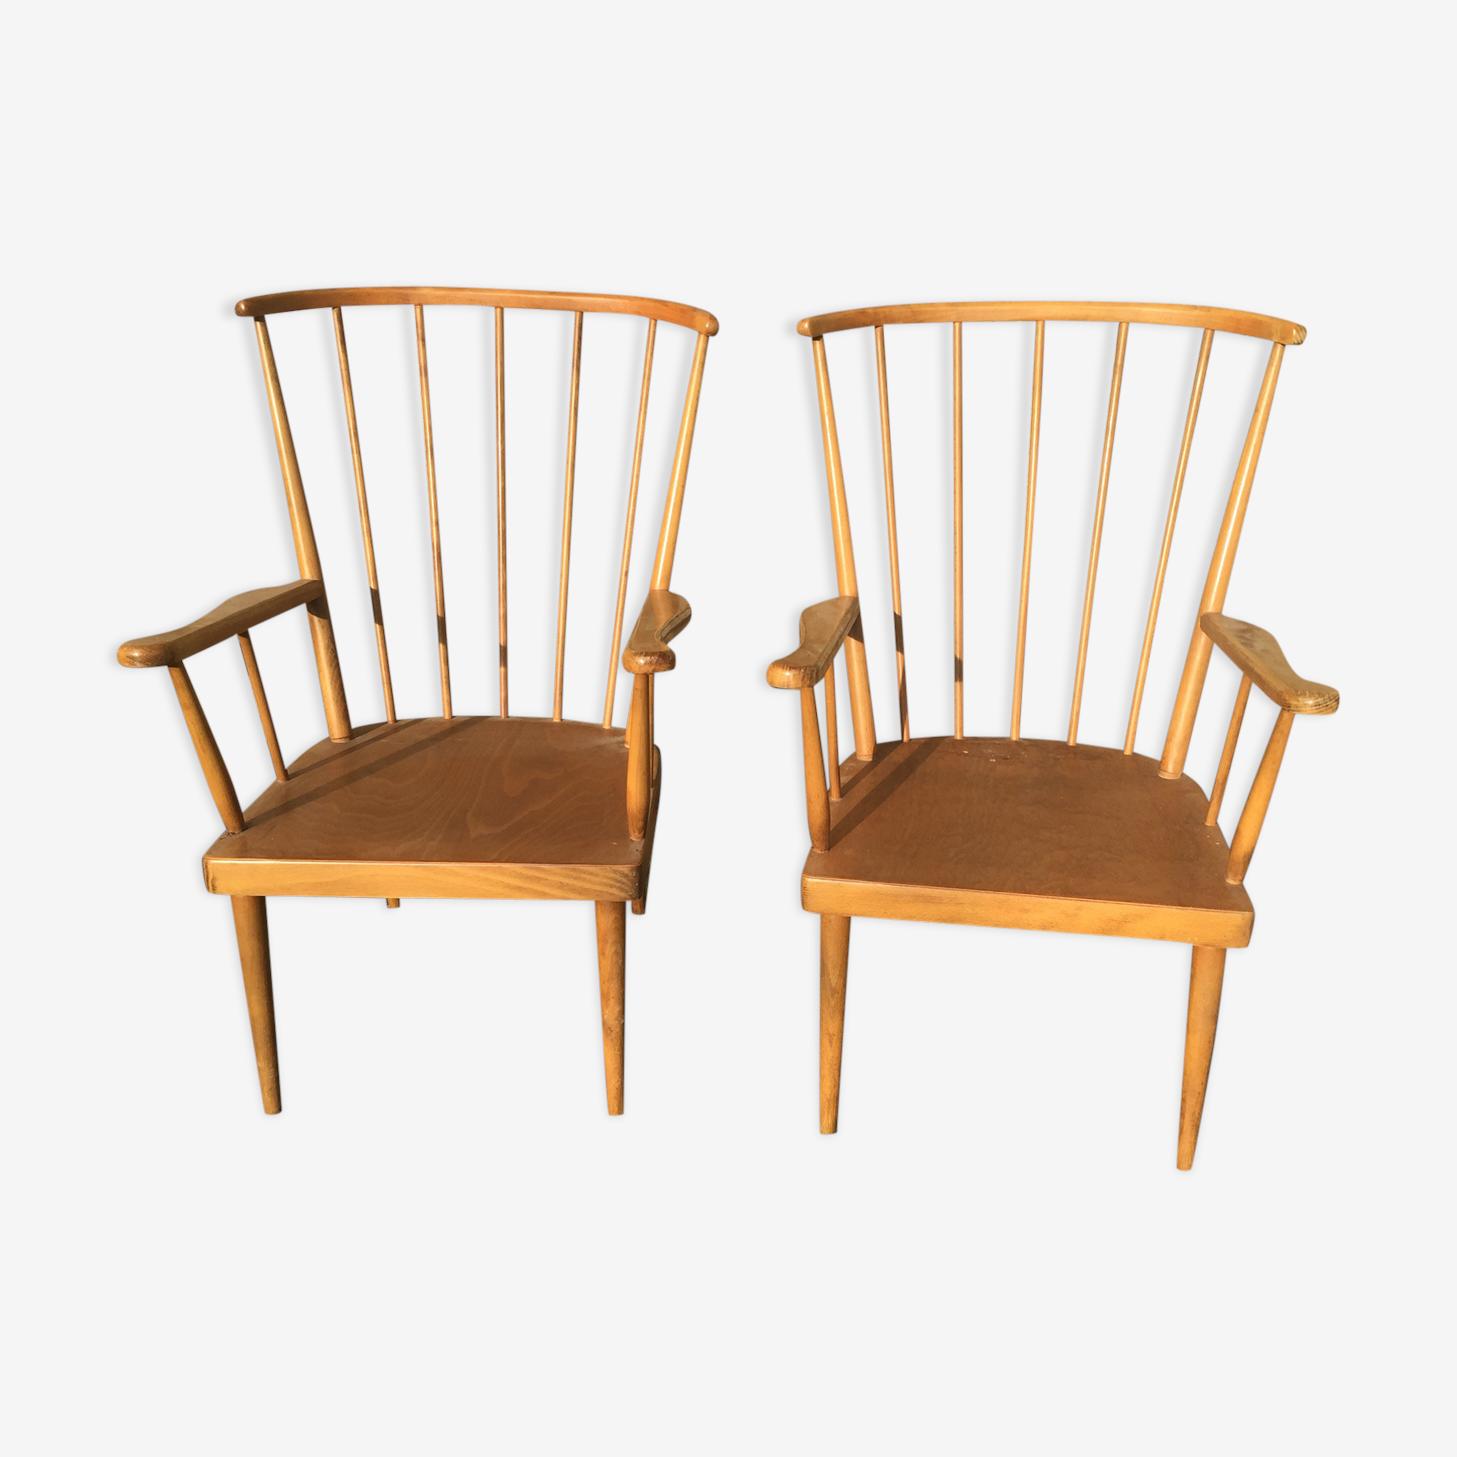 Baumann armchairs